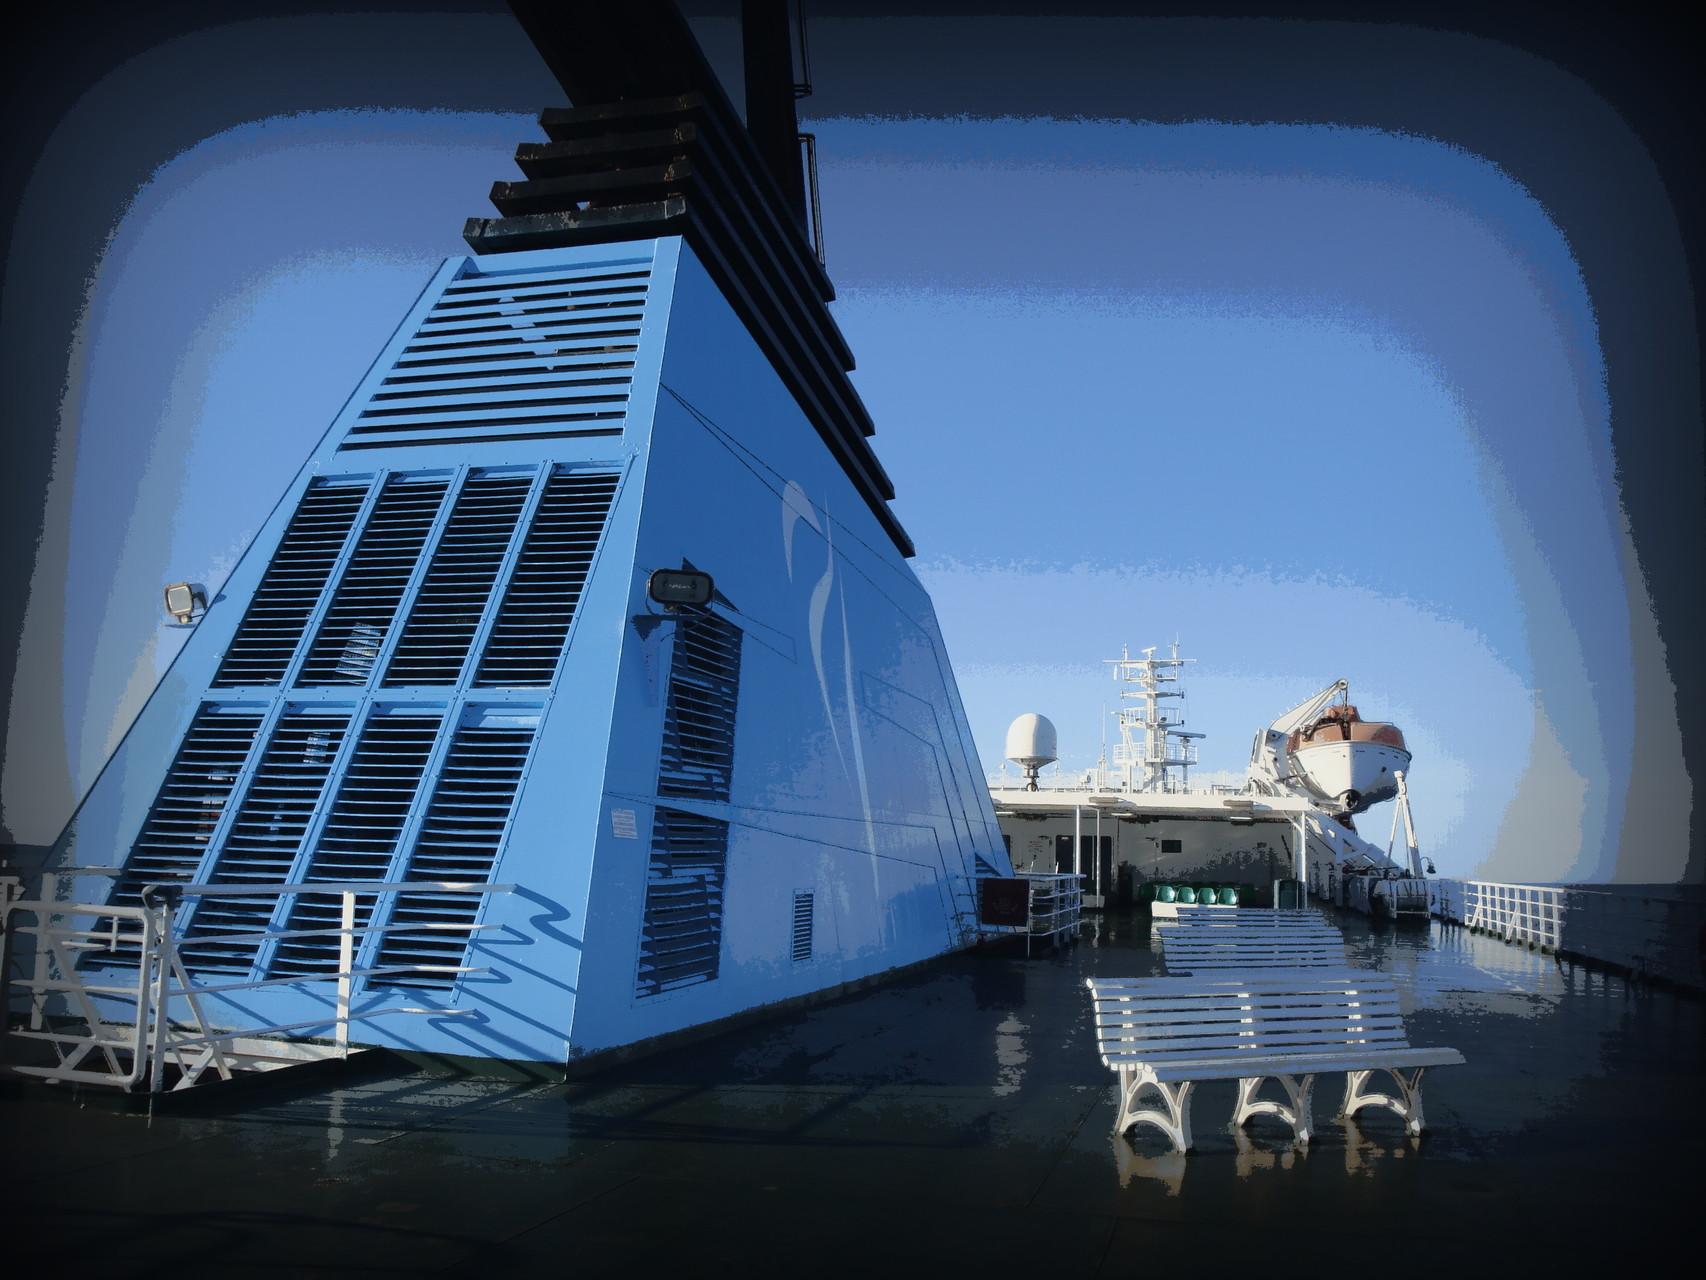 La Méridionale ne compte plus sur Porto Torres